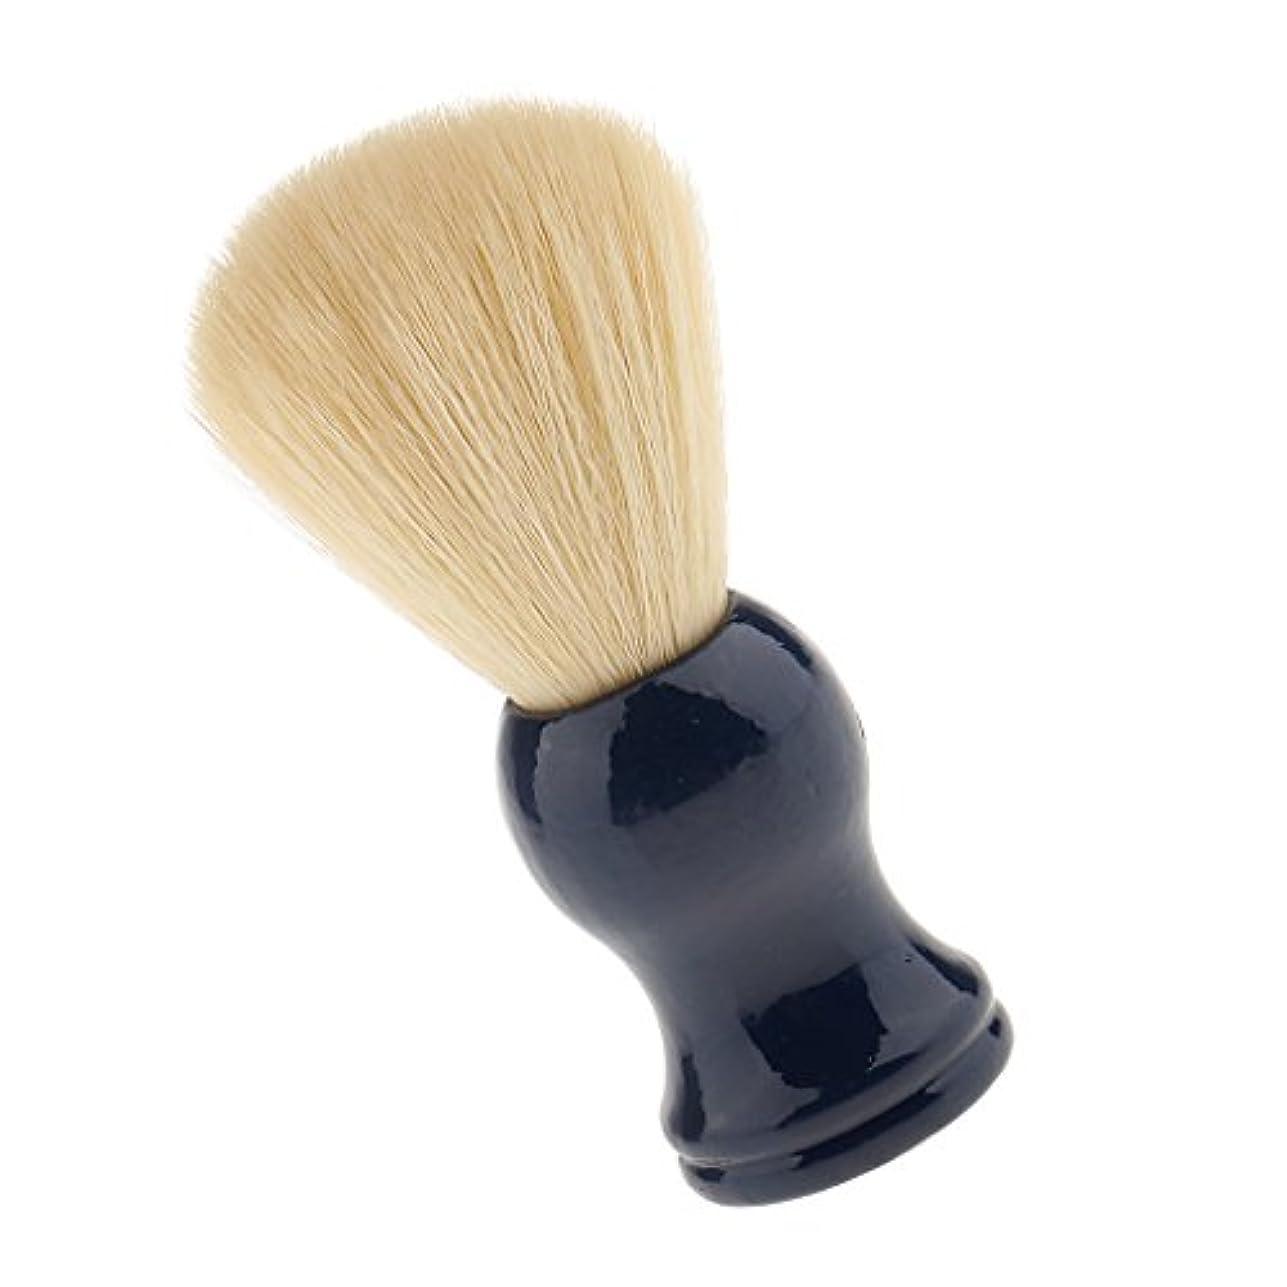 広範囲にハンカチ大宇宙Kesoto シェービングブラシ 美容院用工具 理髪用 スキンケア サロン 便利グッズ ひげブラシ 首/顔 散髪整理  1点